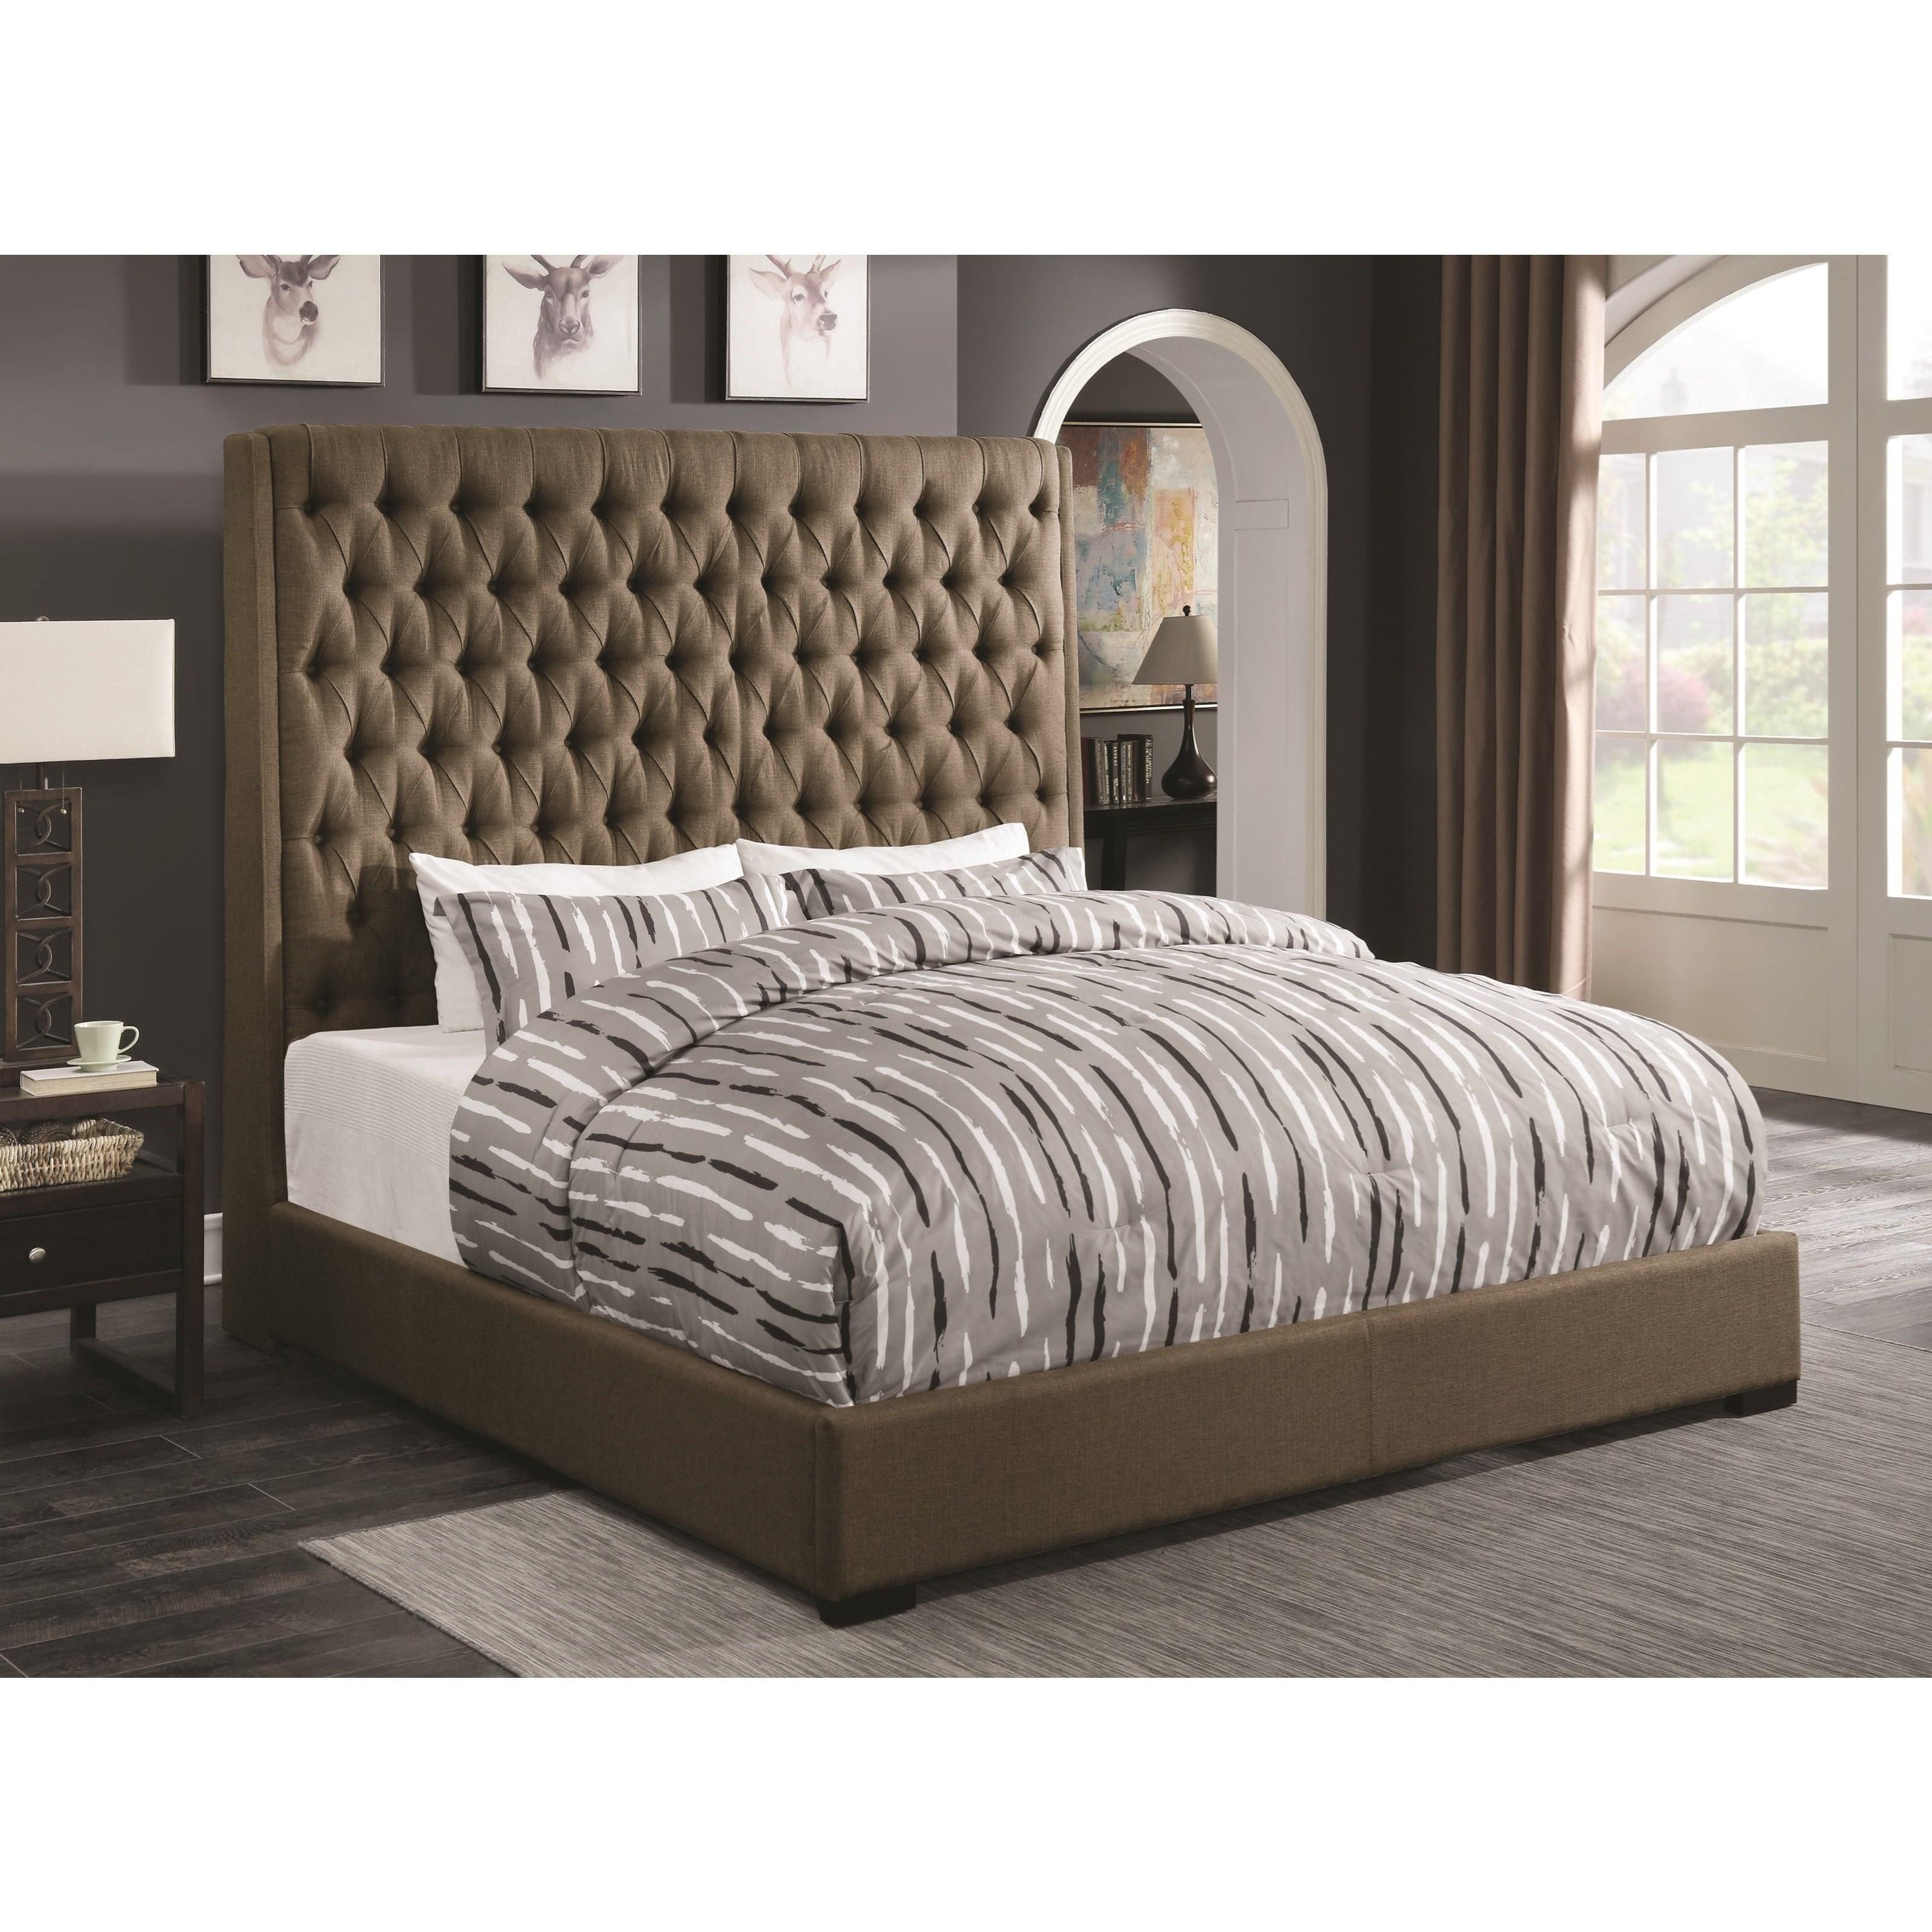 Coaster Upholstered Beds King Bed - Item Number: 300721KE